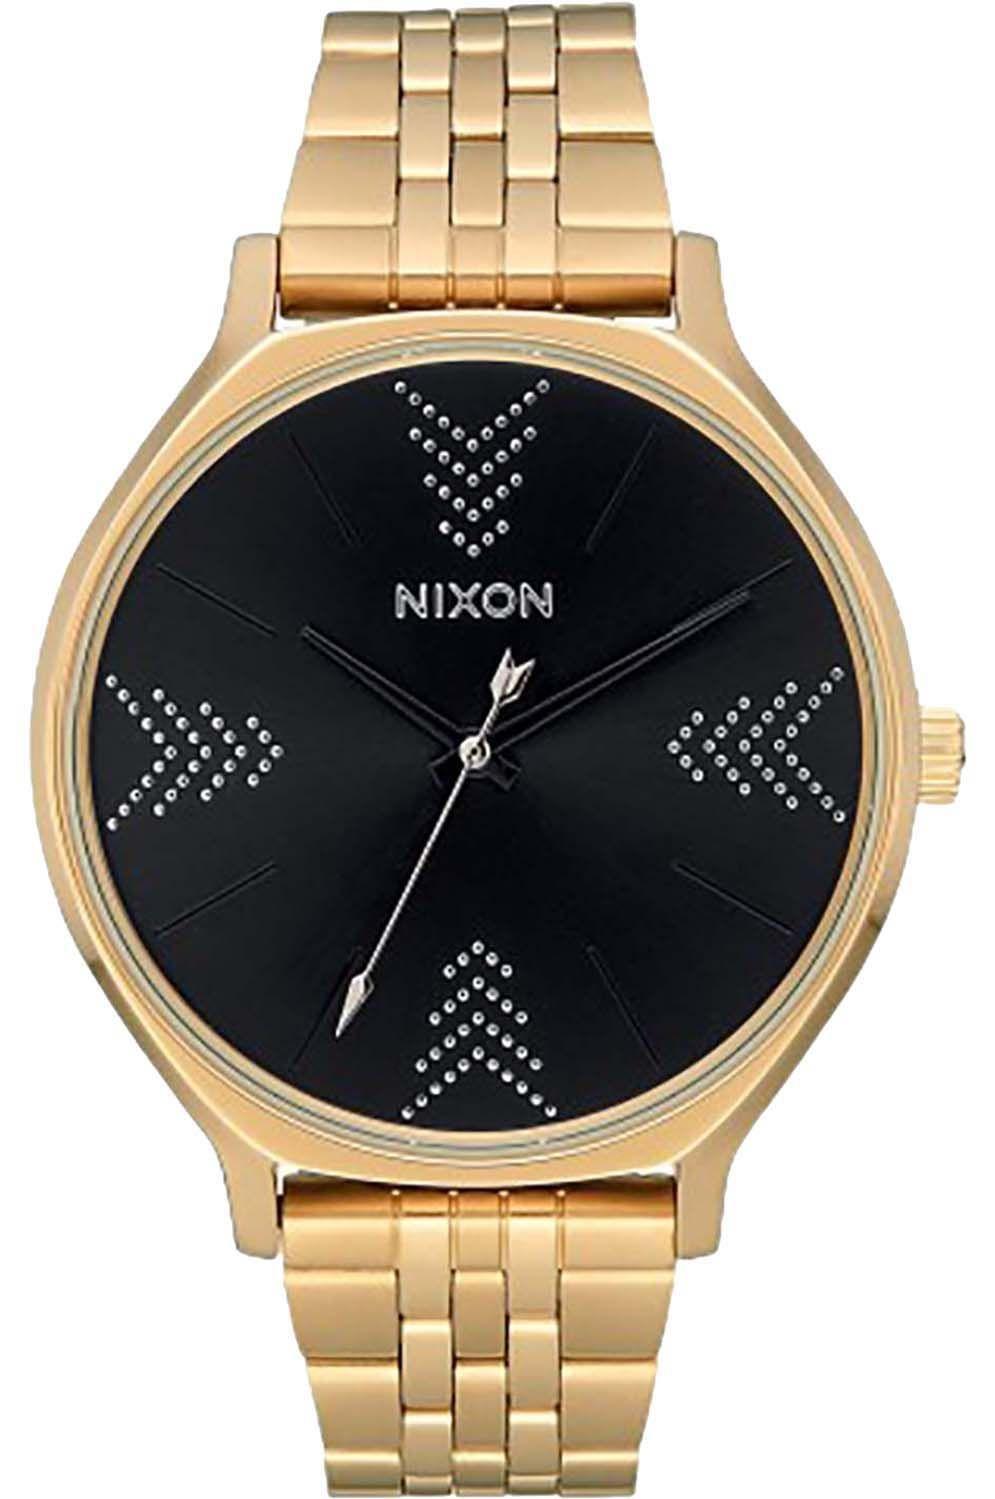 Relogio Nixon CLIQUE Gold/Black/Silver